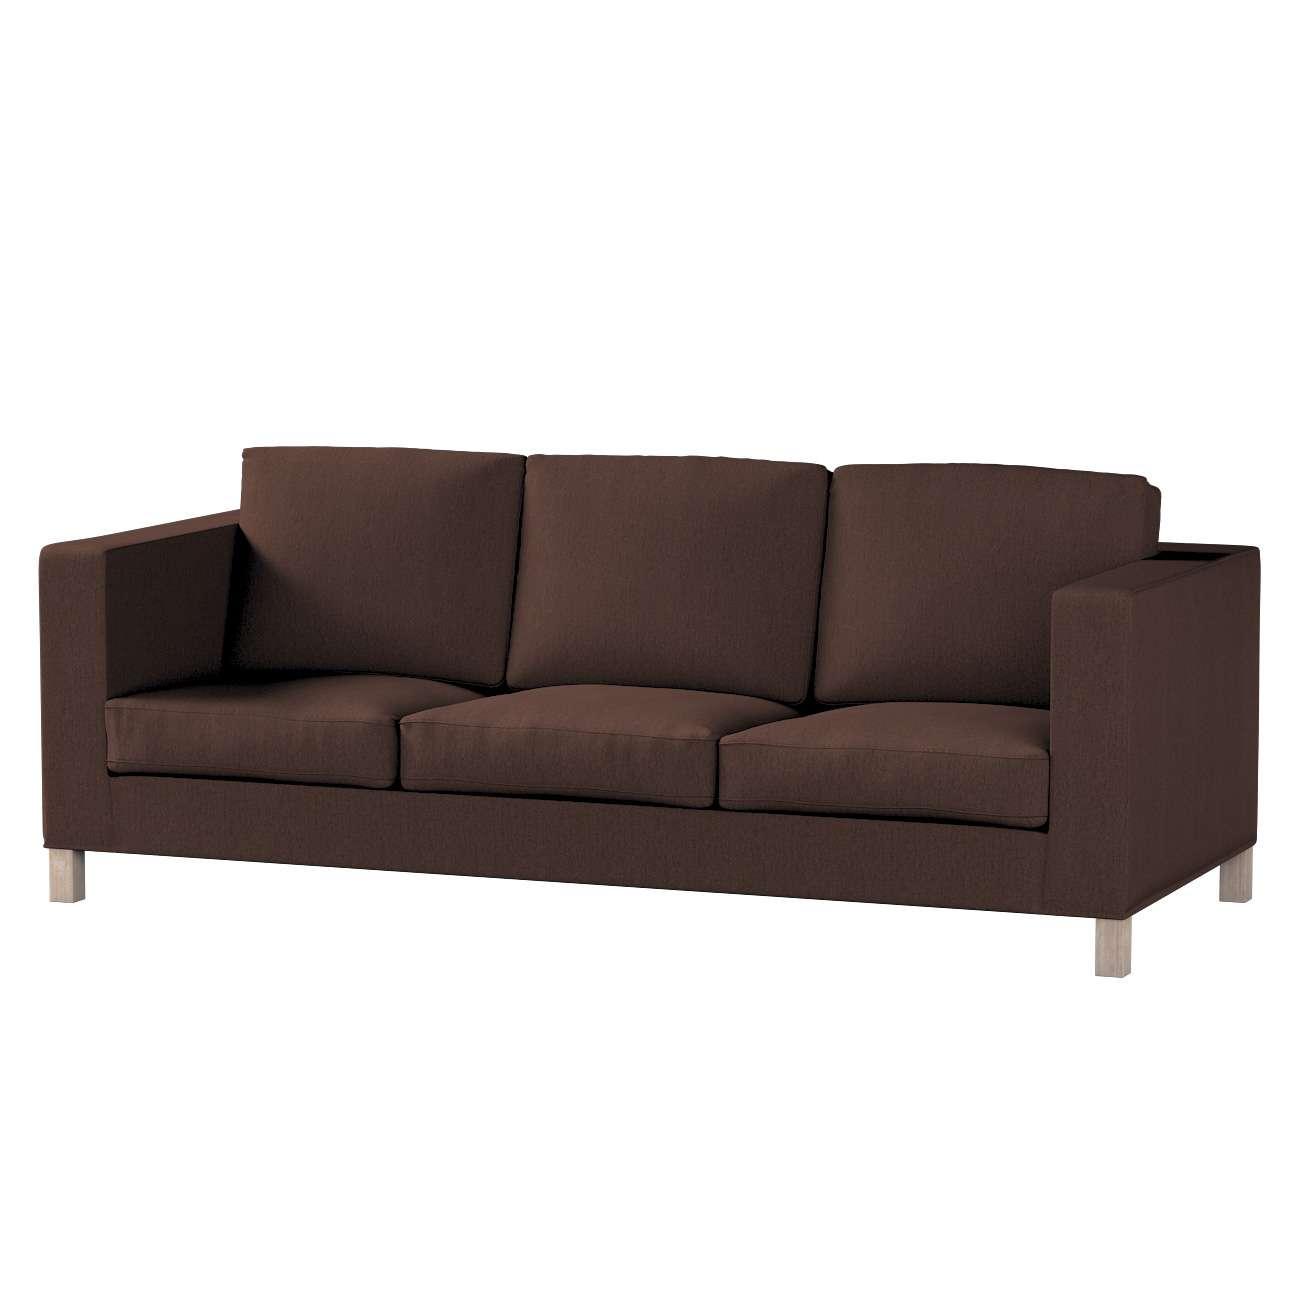 KARLANDA trivietės sofos užvalkalas KARLANDA trivietės sofos užvalkalas kolekcijoje Chenille, audinys: 702-18